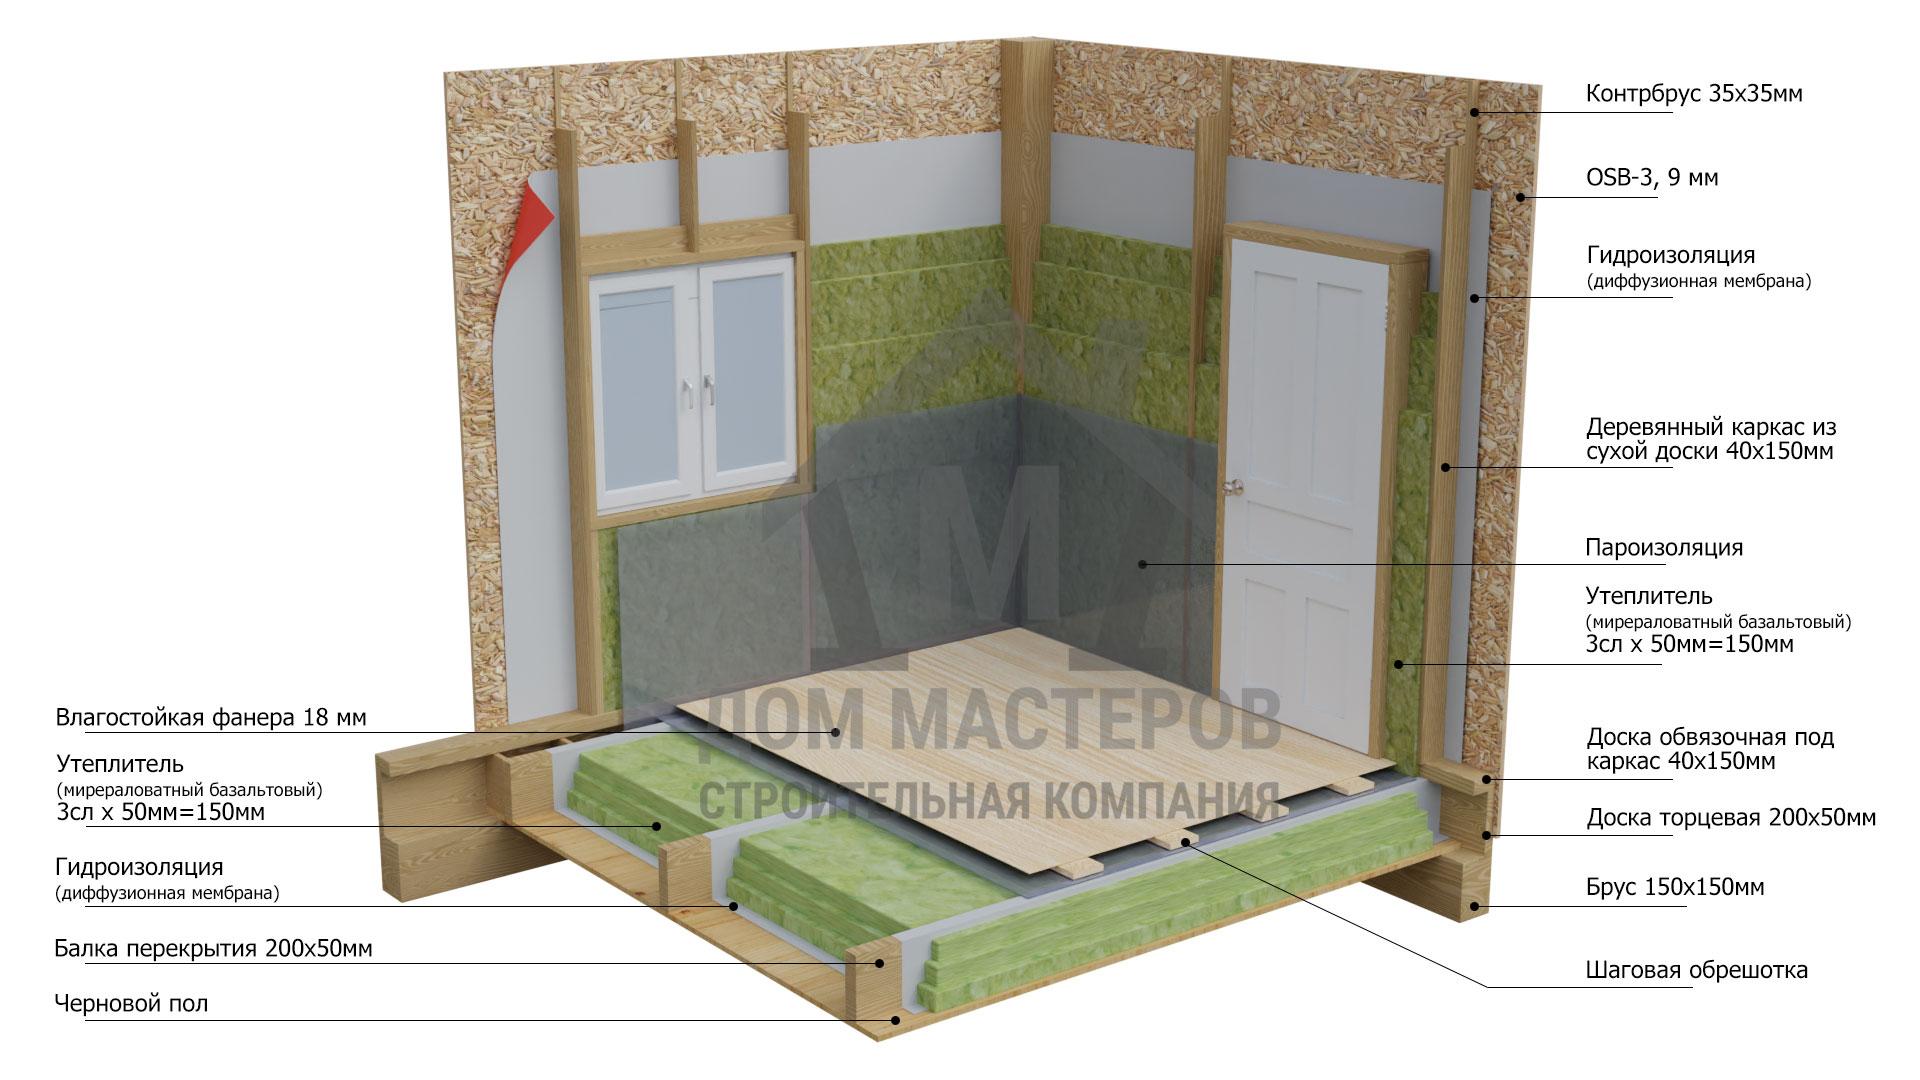 Пирог каркасных стен в базовой комплектации каркасного дома